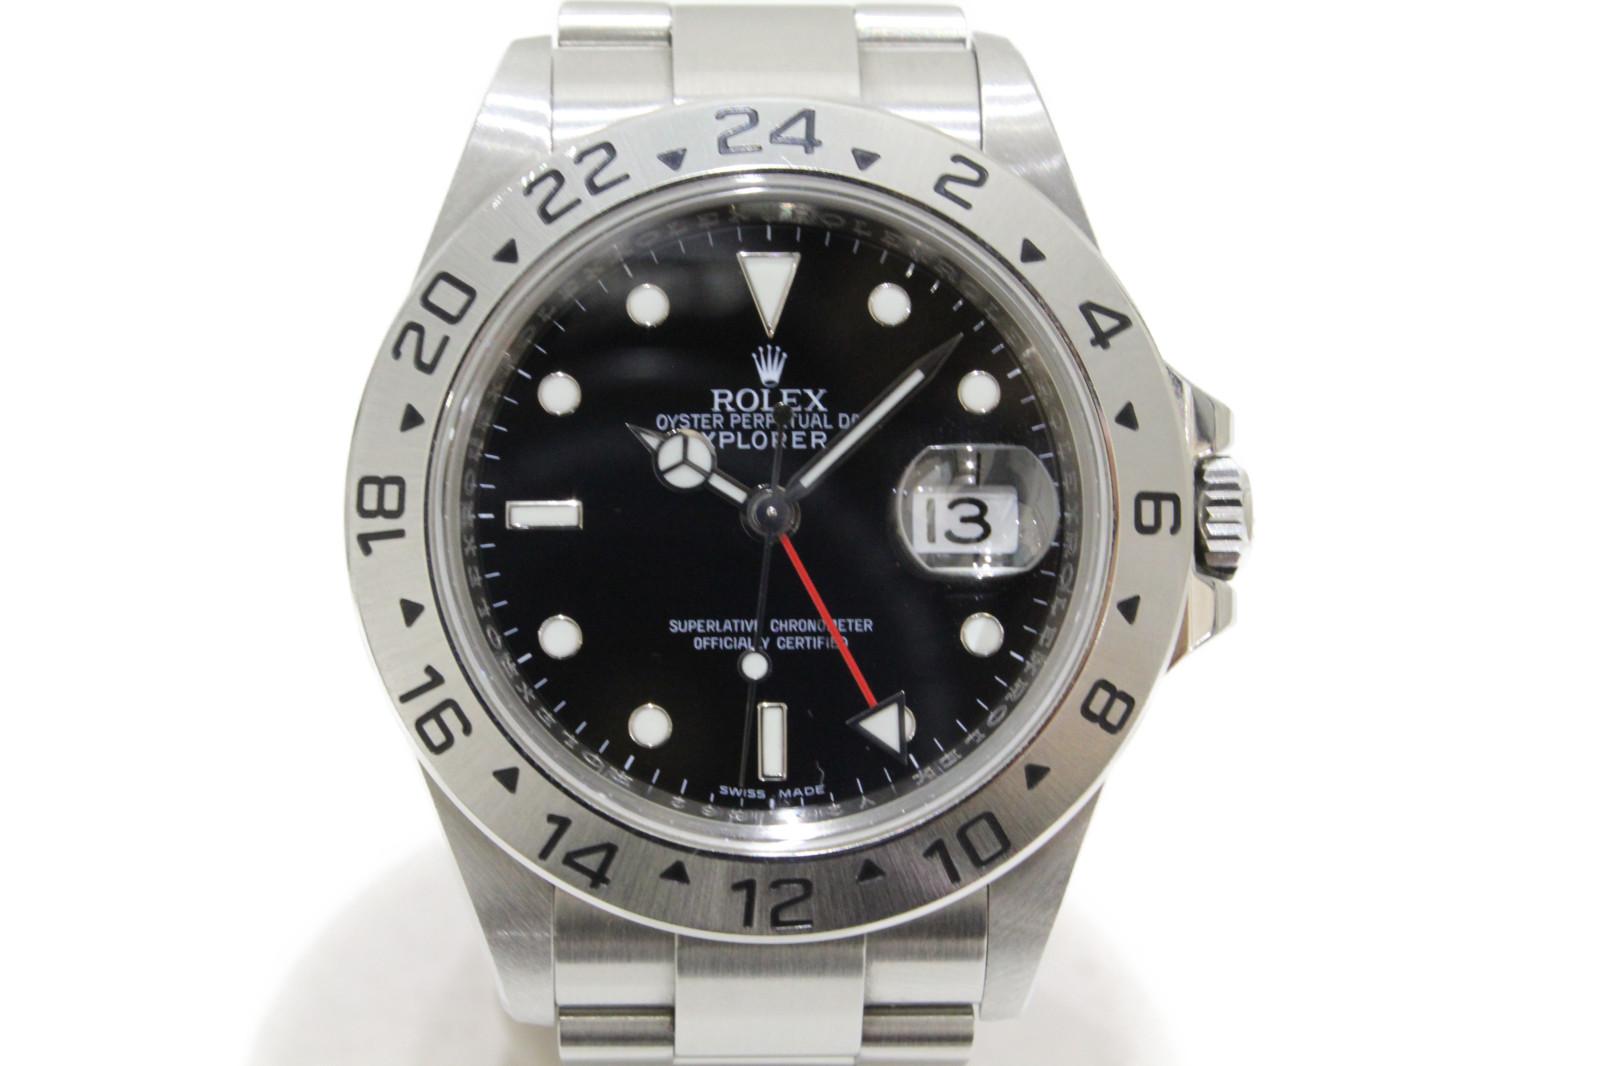 【生産終了モデル】ROLEX ロレックス エクスプローラーII 16570 V番 自動巻き GMT デイト SS ステンレススチール ブラック メンズ 腕時計【中古】